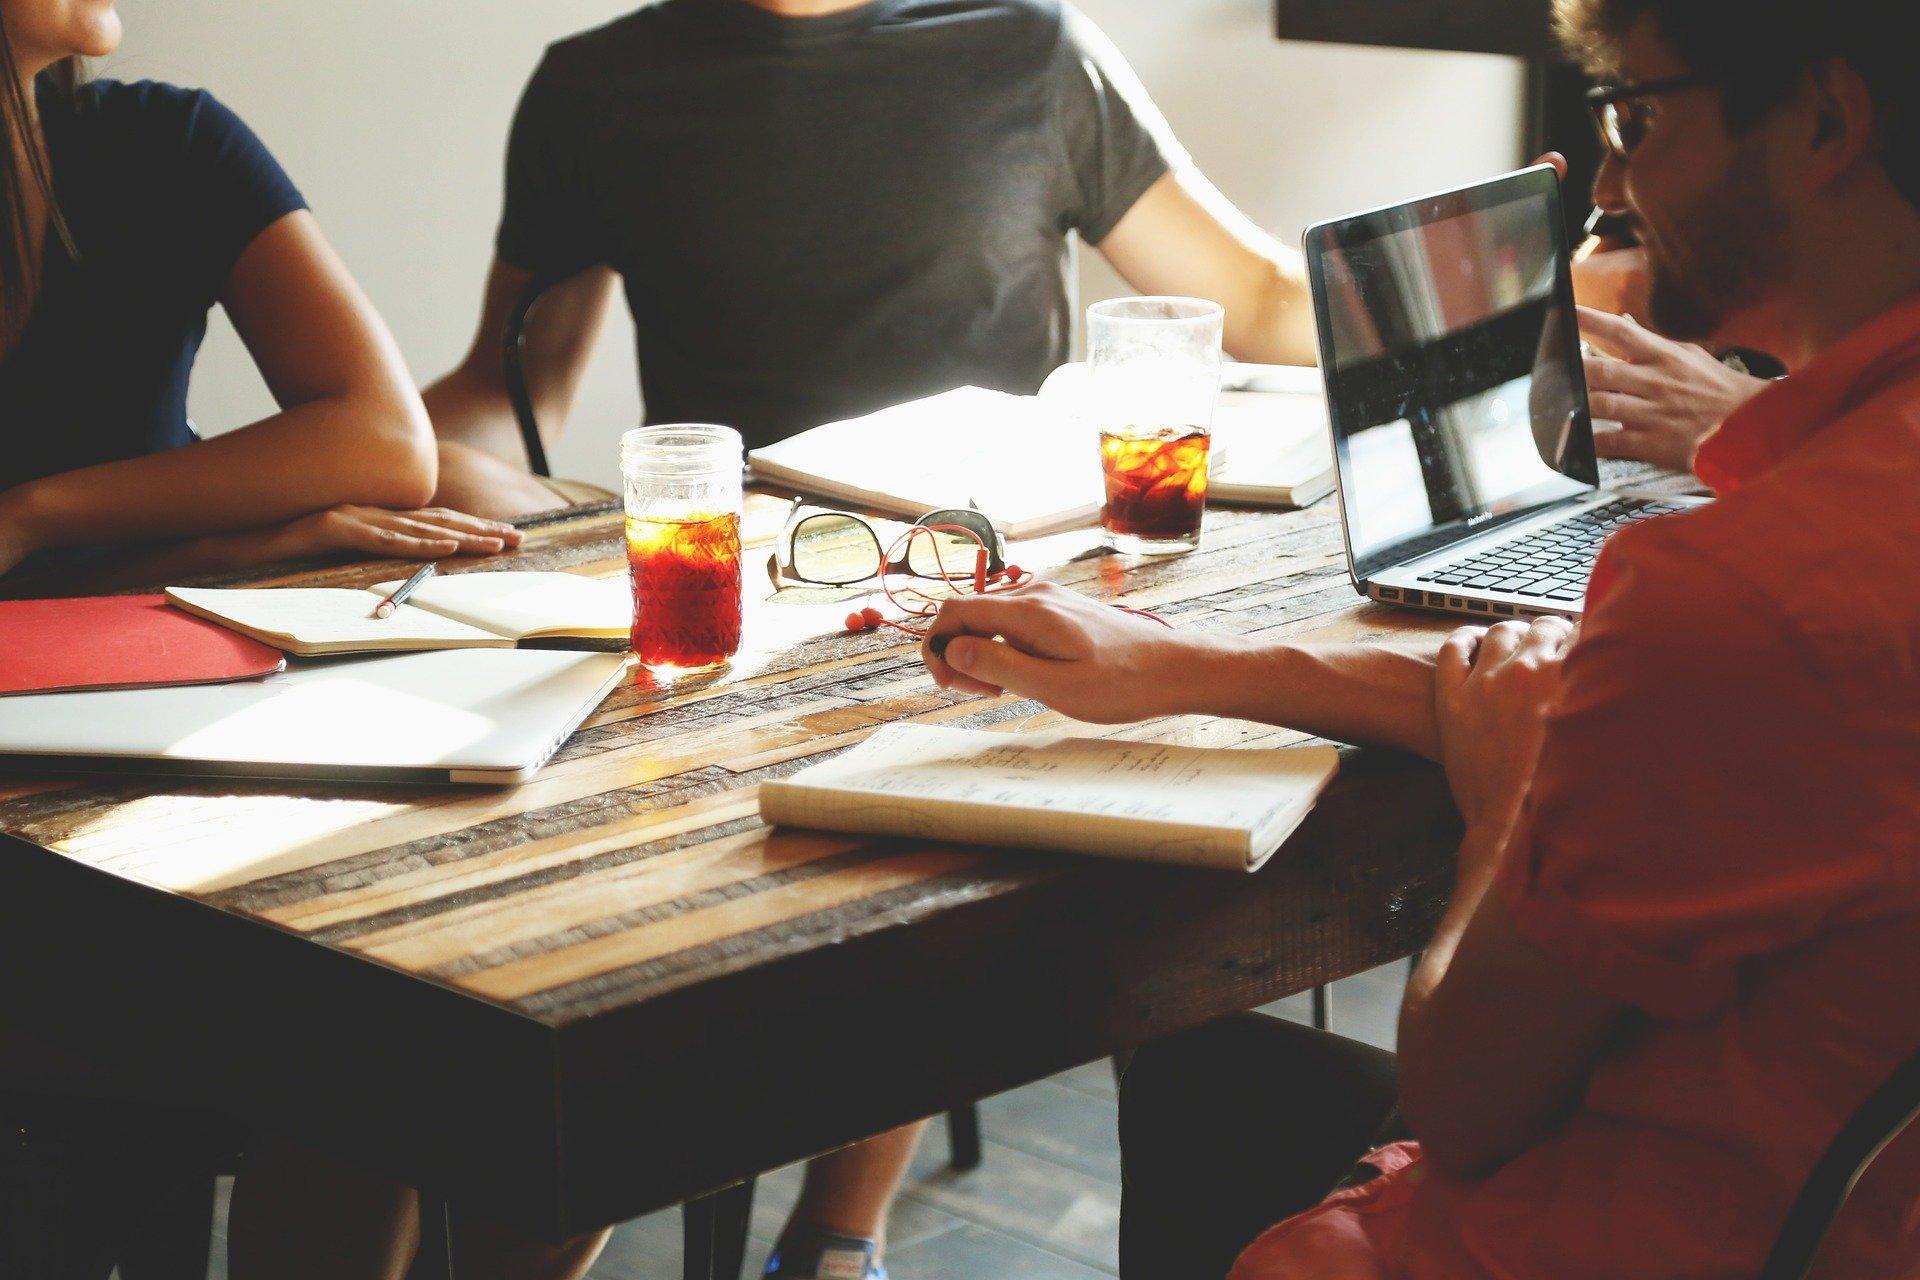 IPERKA informieren, planen, entscheiden, realisieren, kontrollieren und auswerten